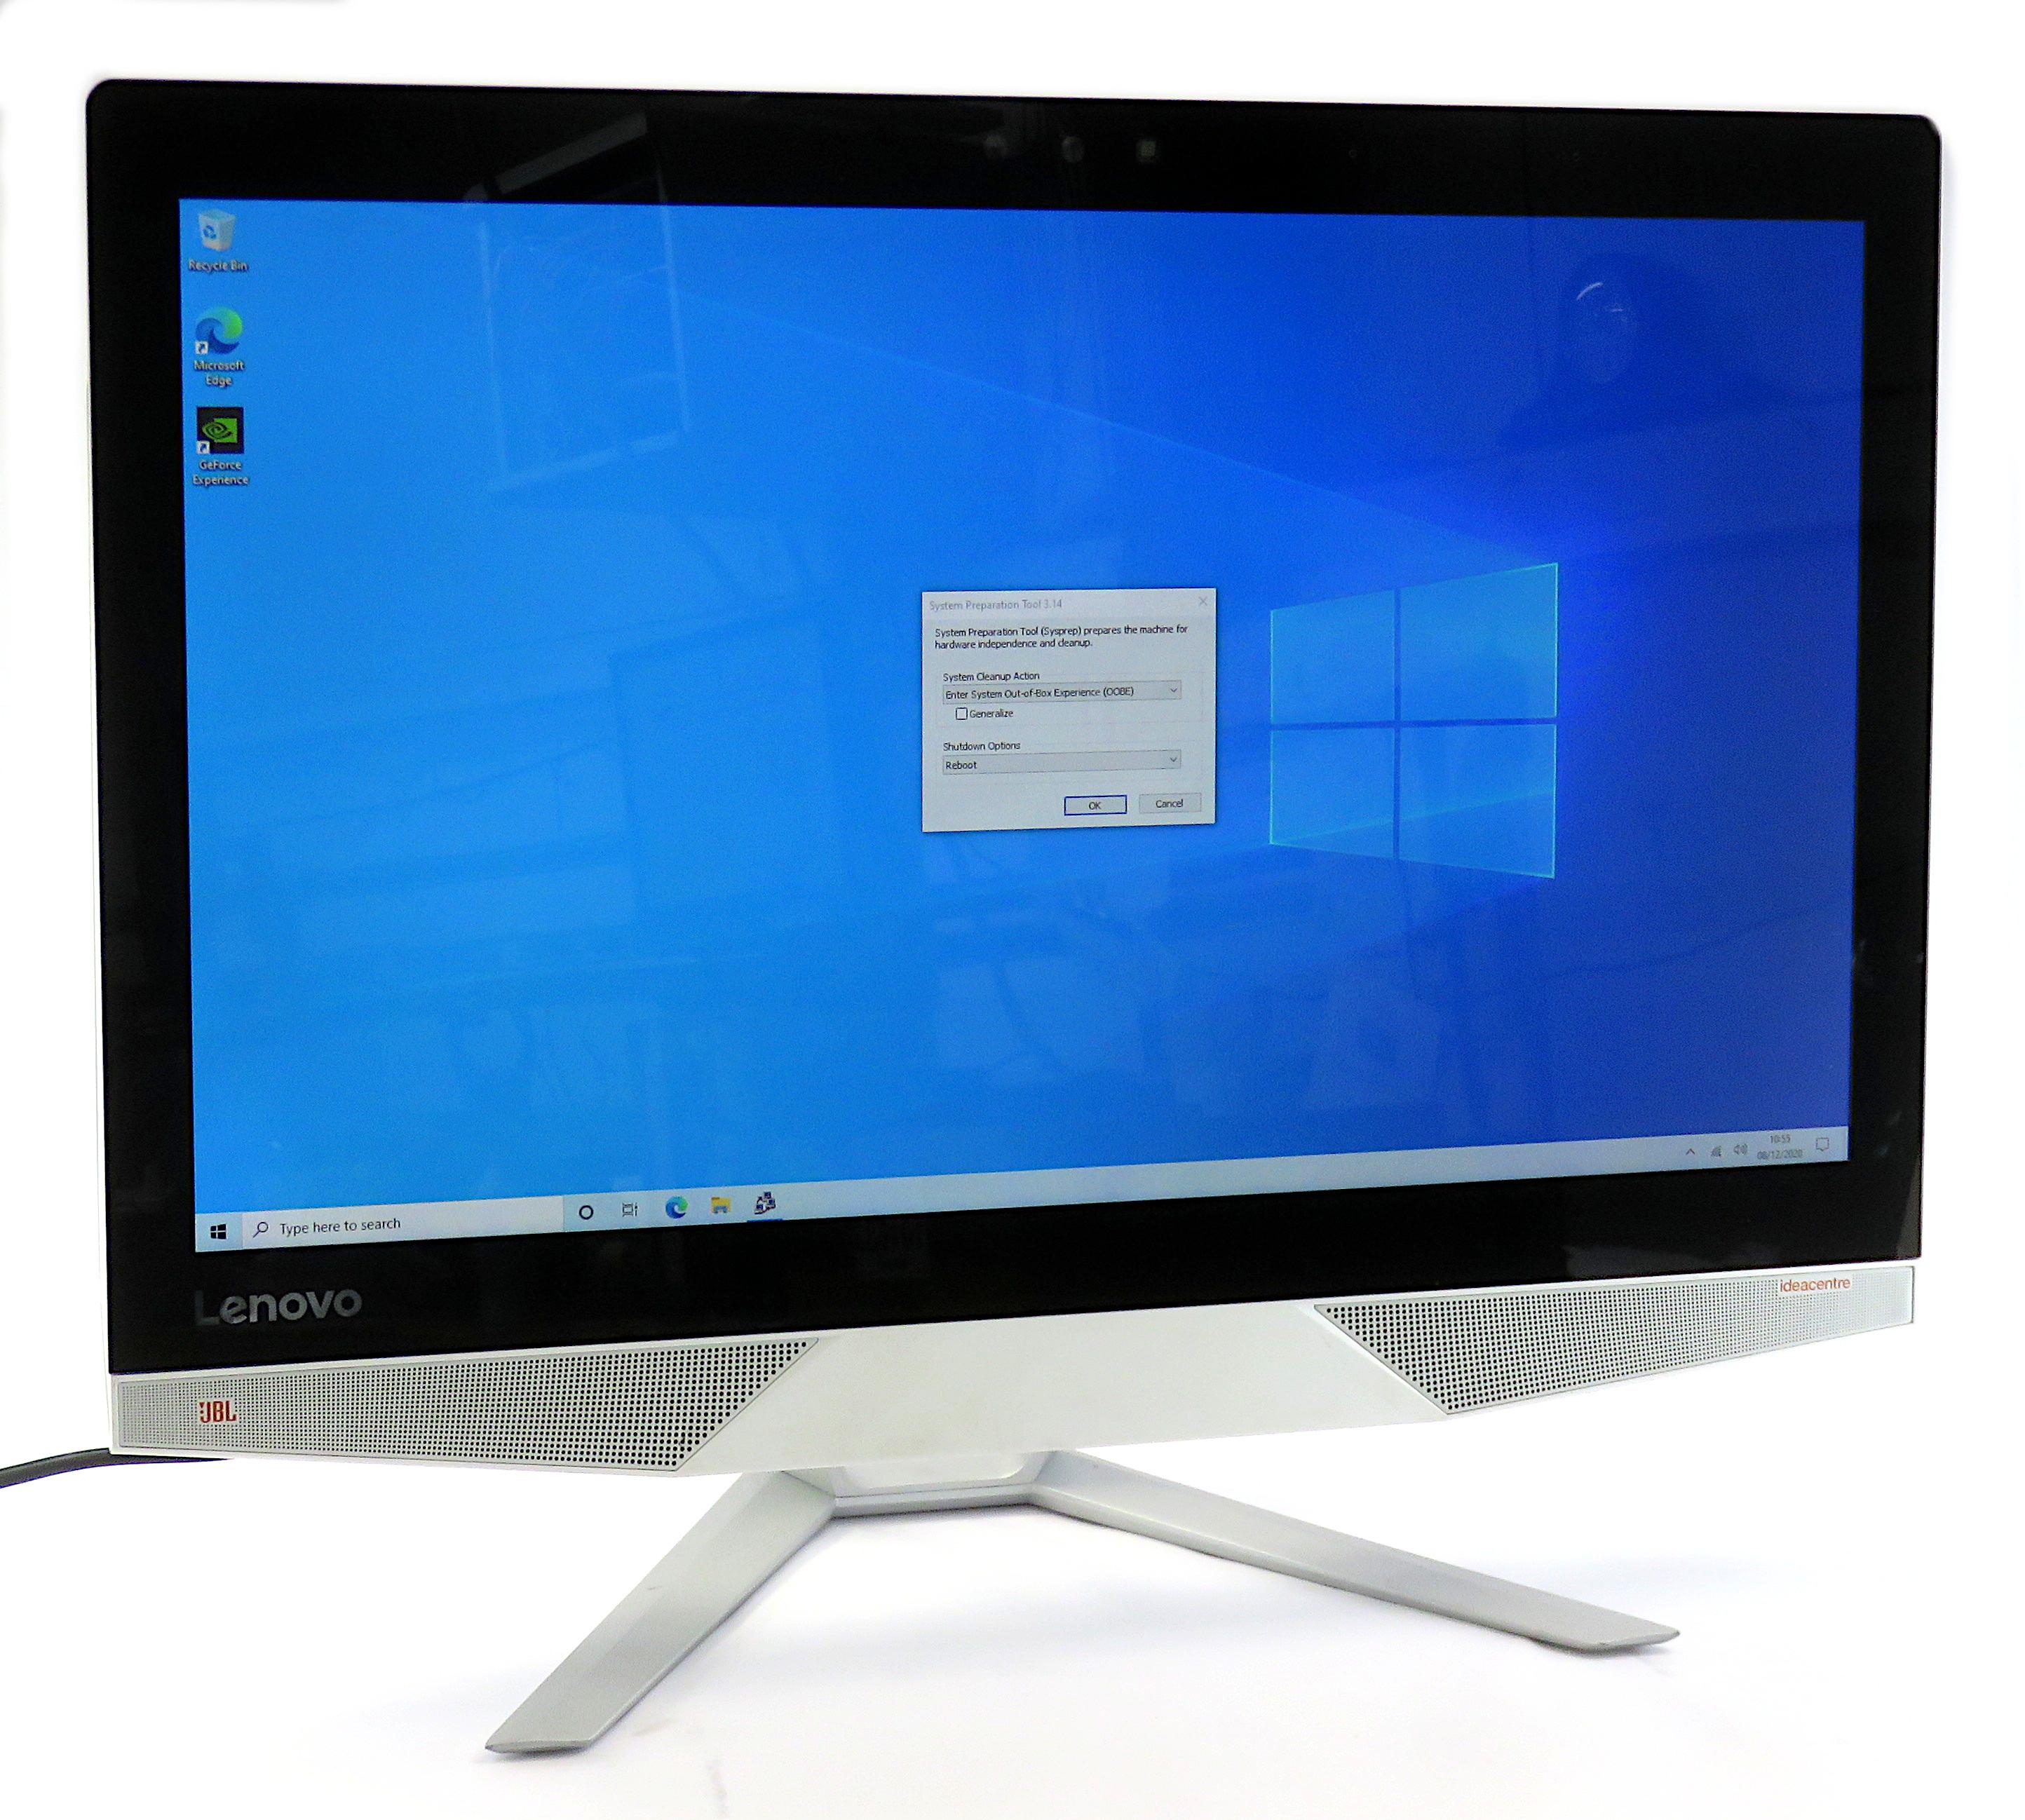 Lenovo ideacentre AIO 700-24ISH 23.8 i5-6400 256GB SSD 8GB RAM Non-Touch AiO PC